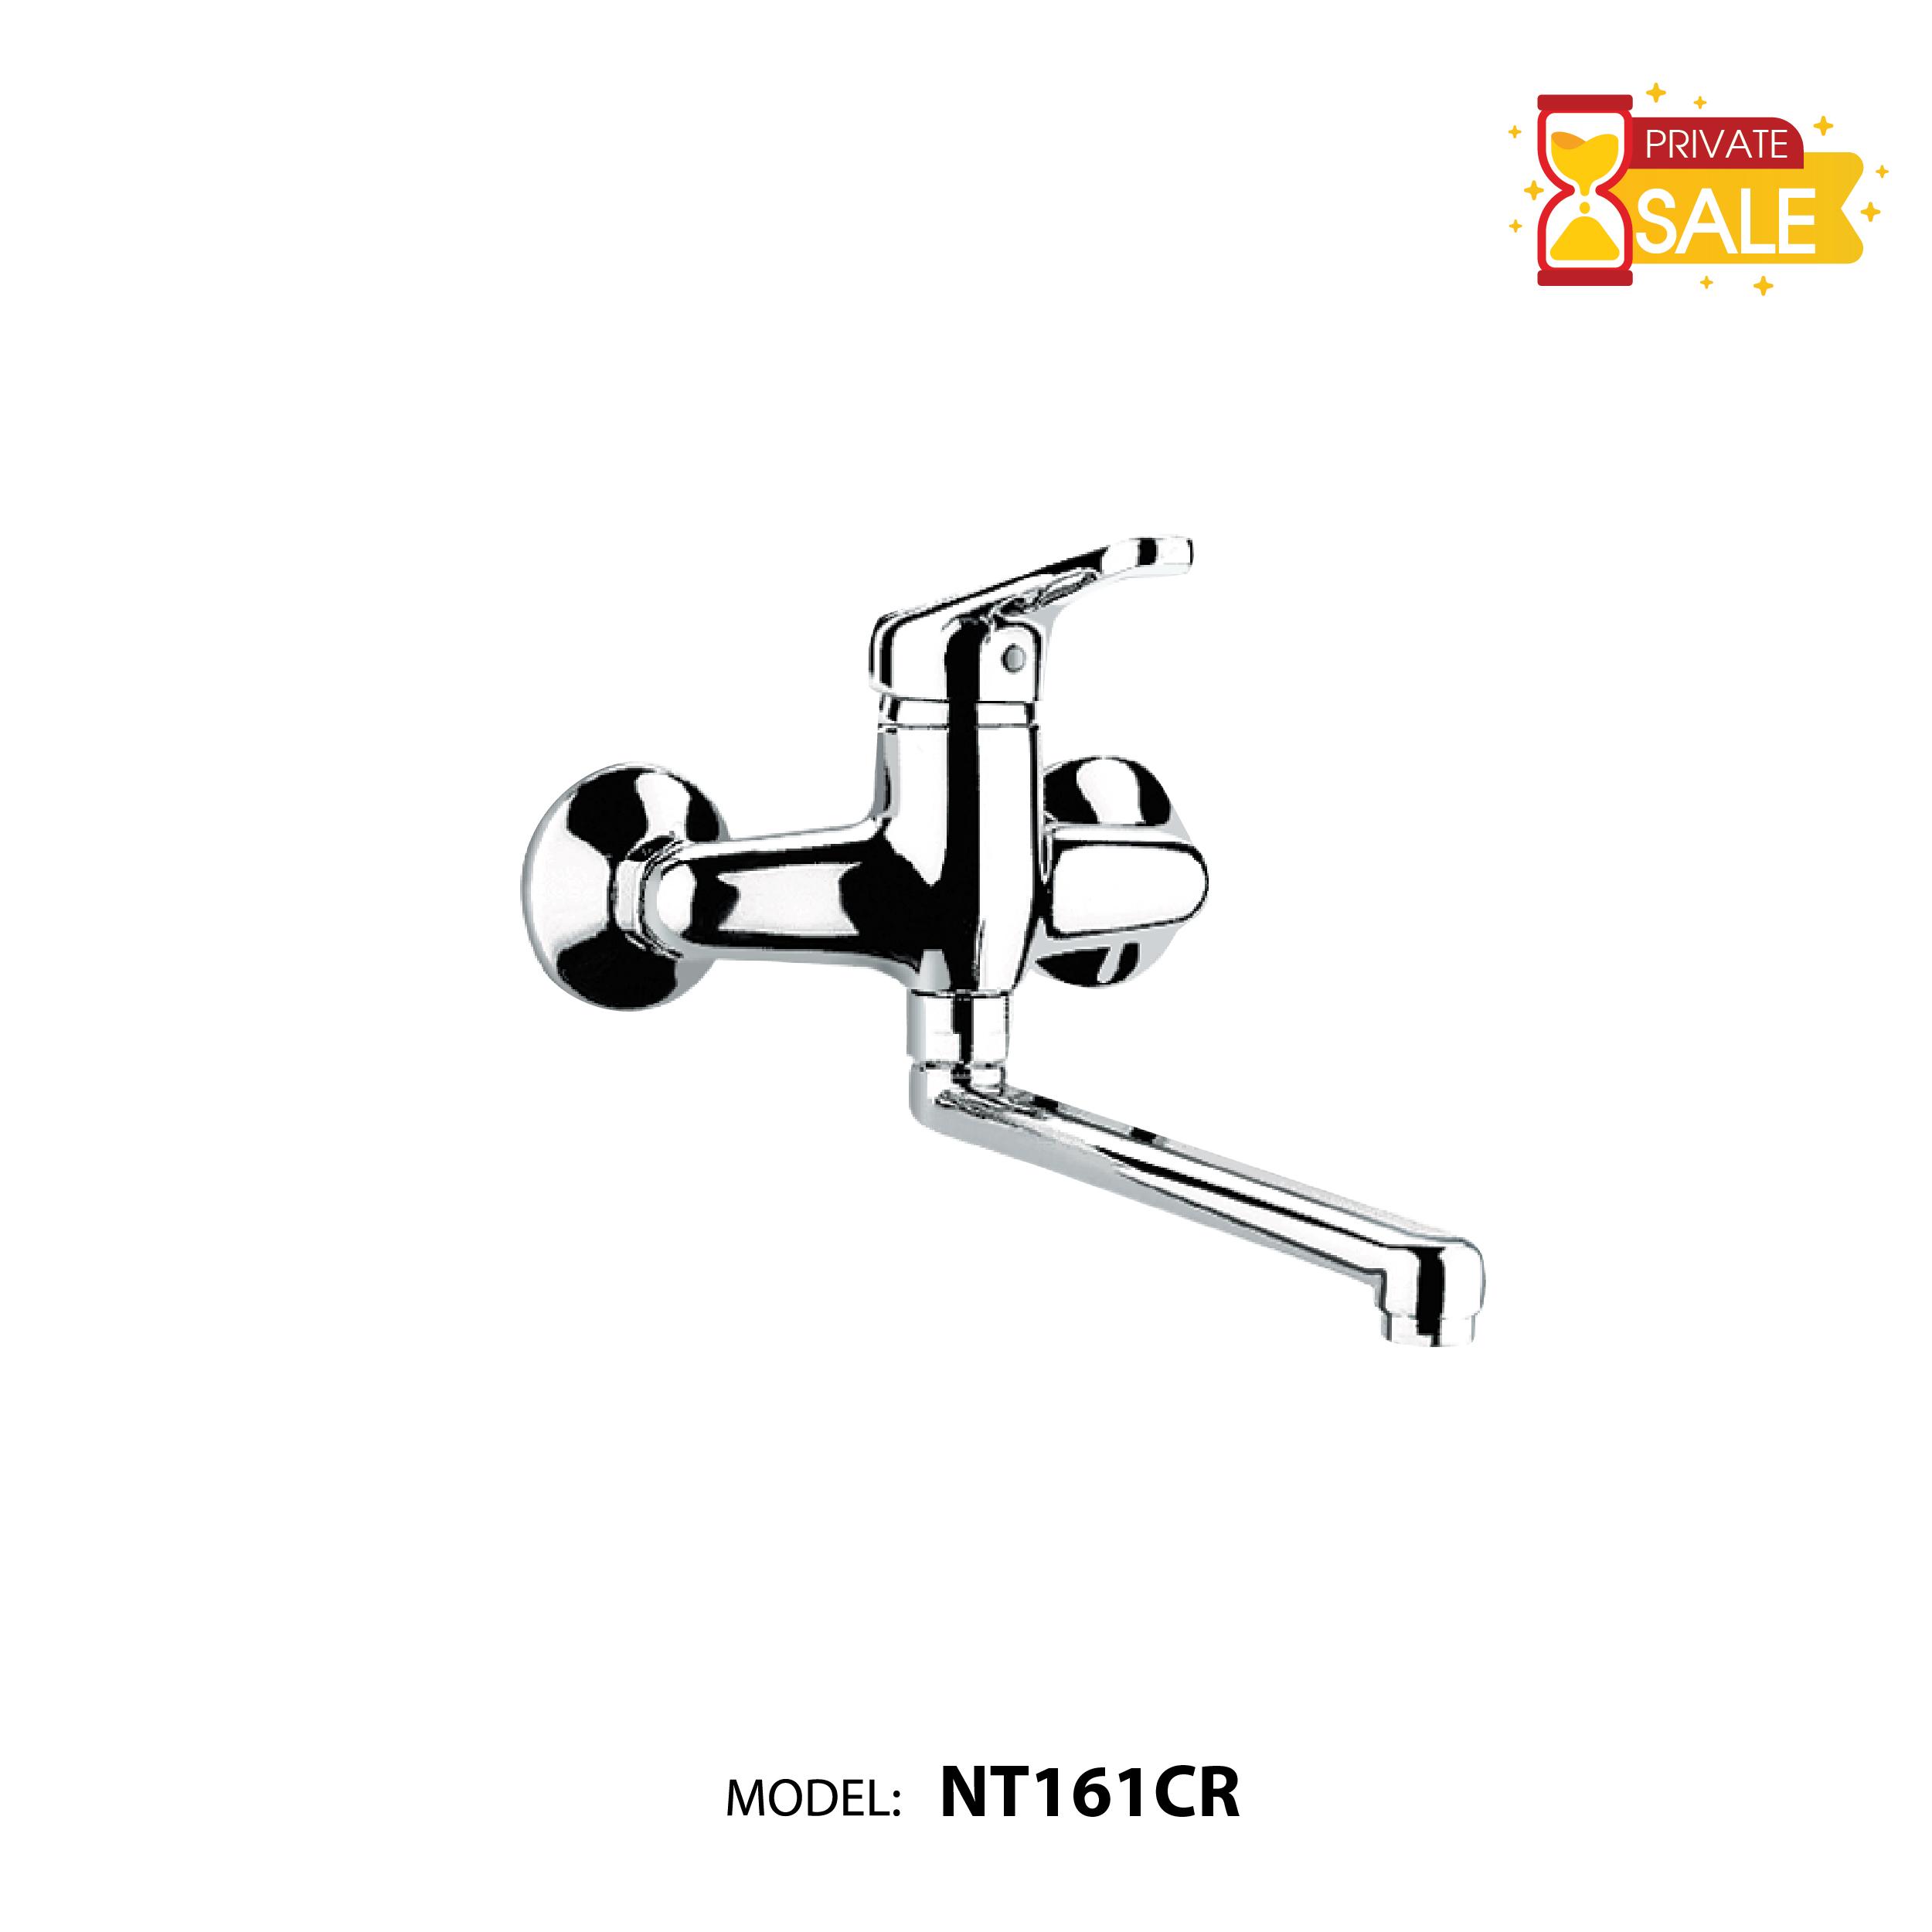 VÒI SEN GẮN TƯỜNG NÓNG LẠNH PAFFONI NT161CR (Vòi gắn tường model: NT161CR)